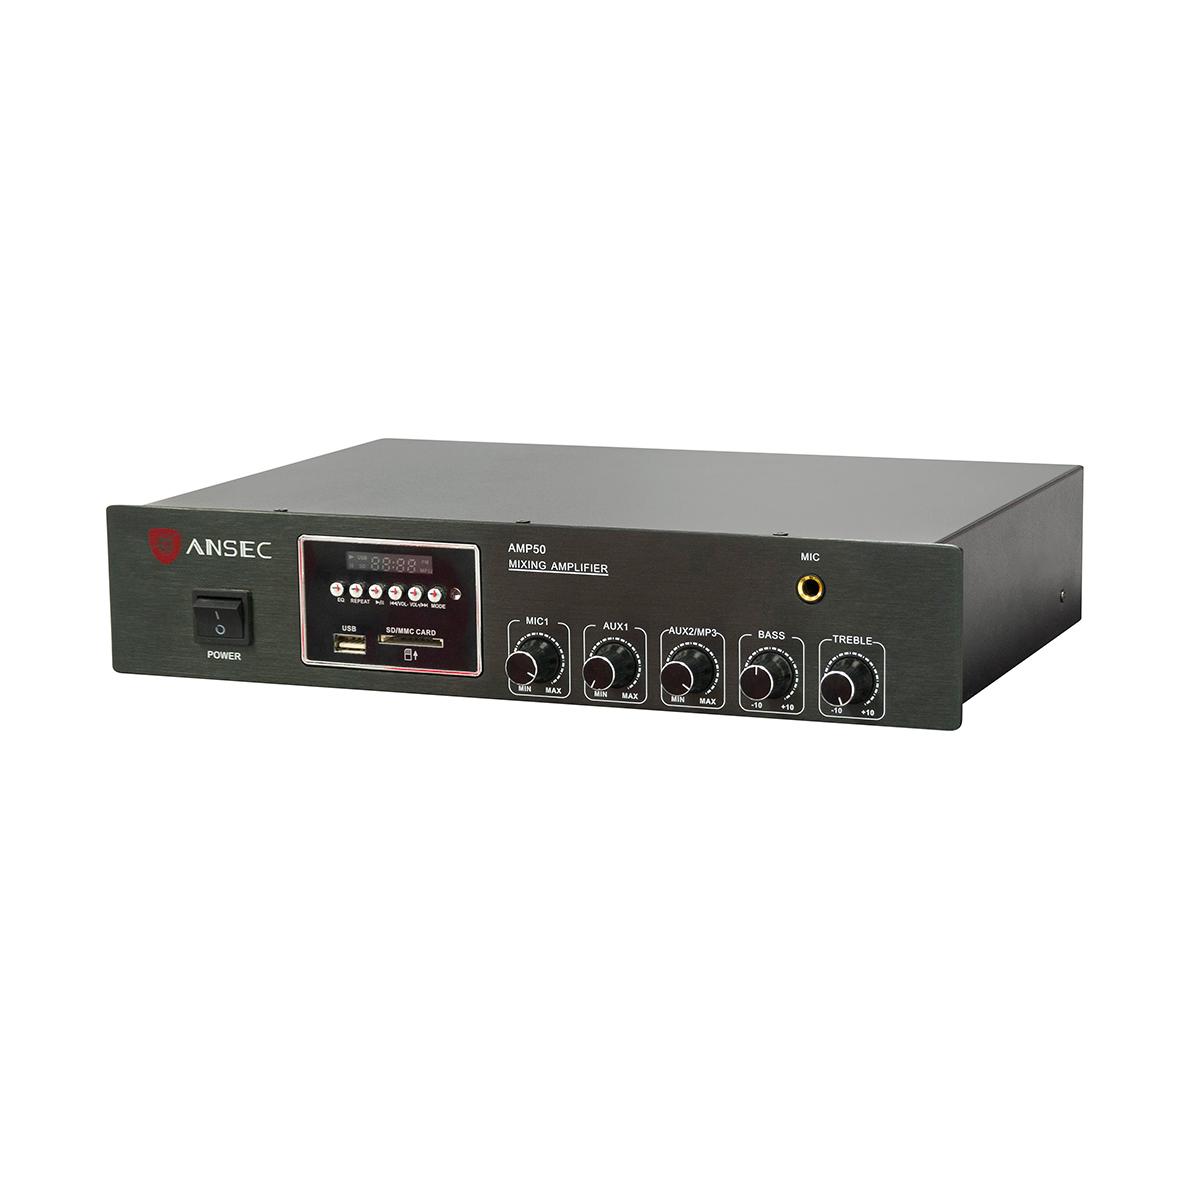 AMP50